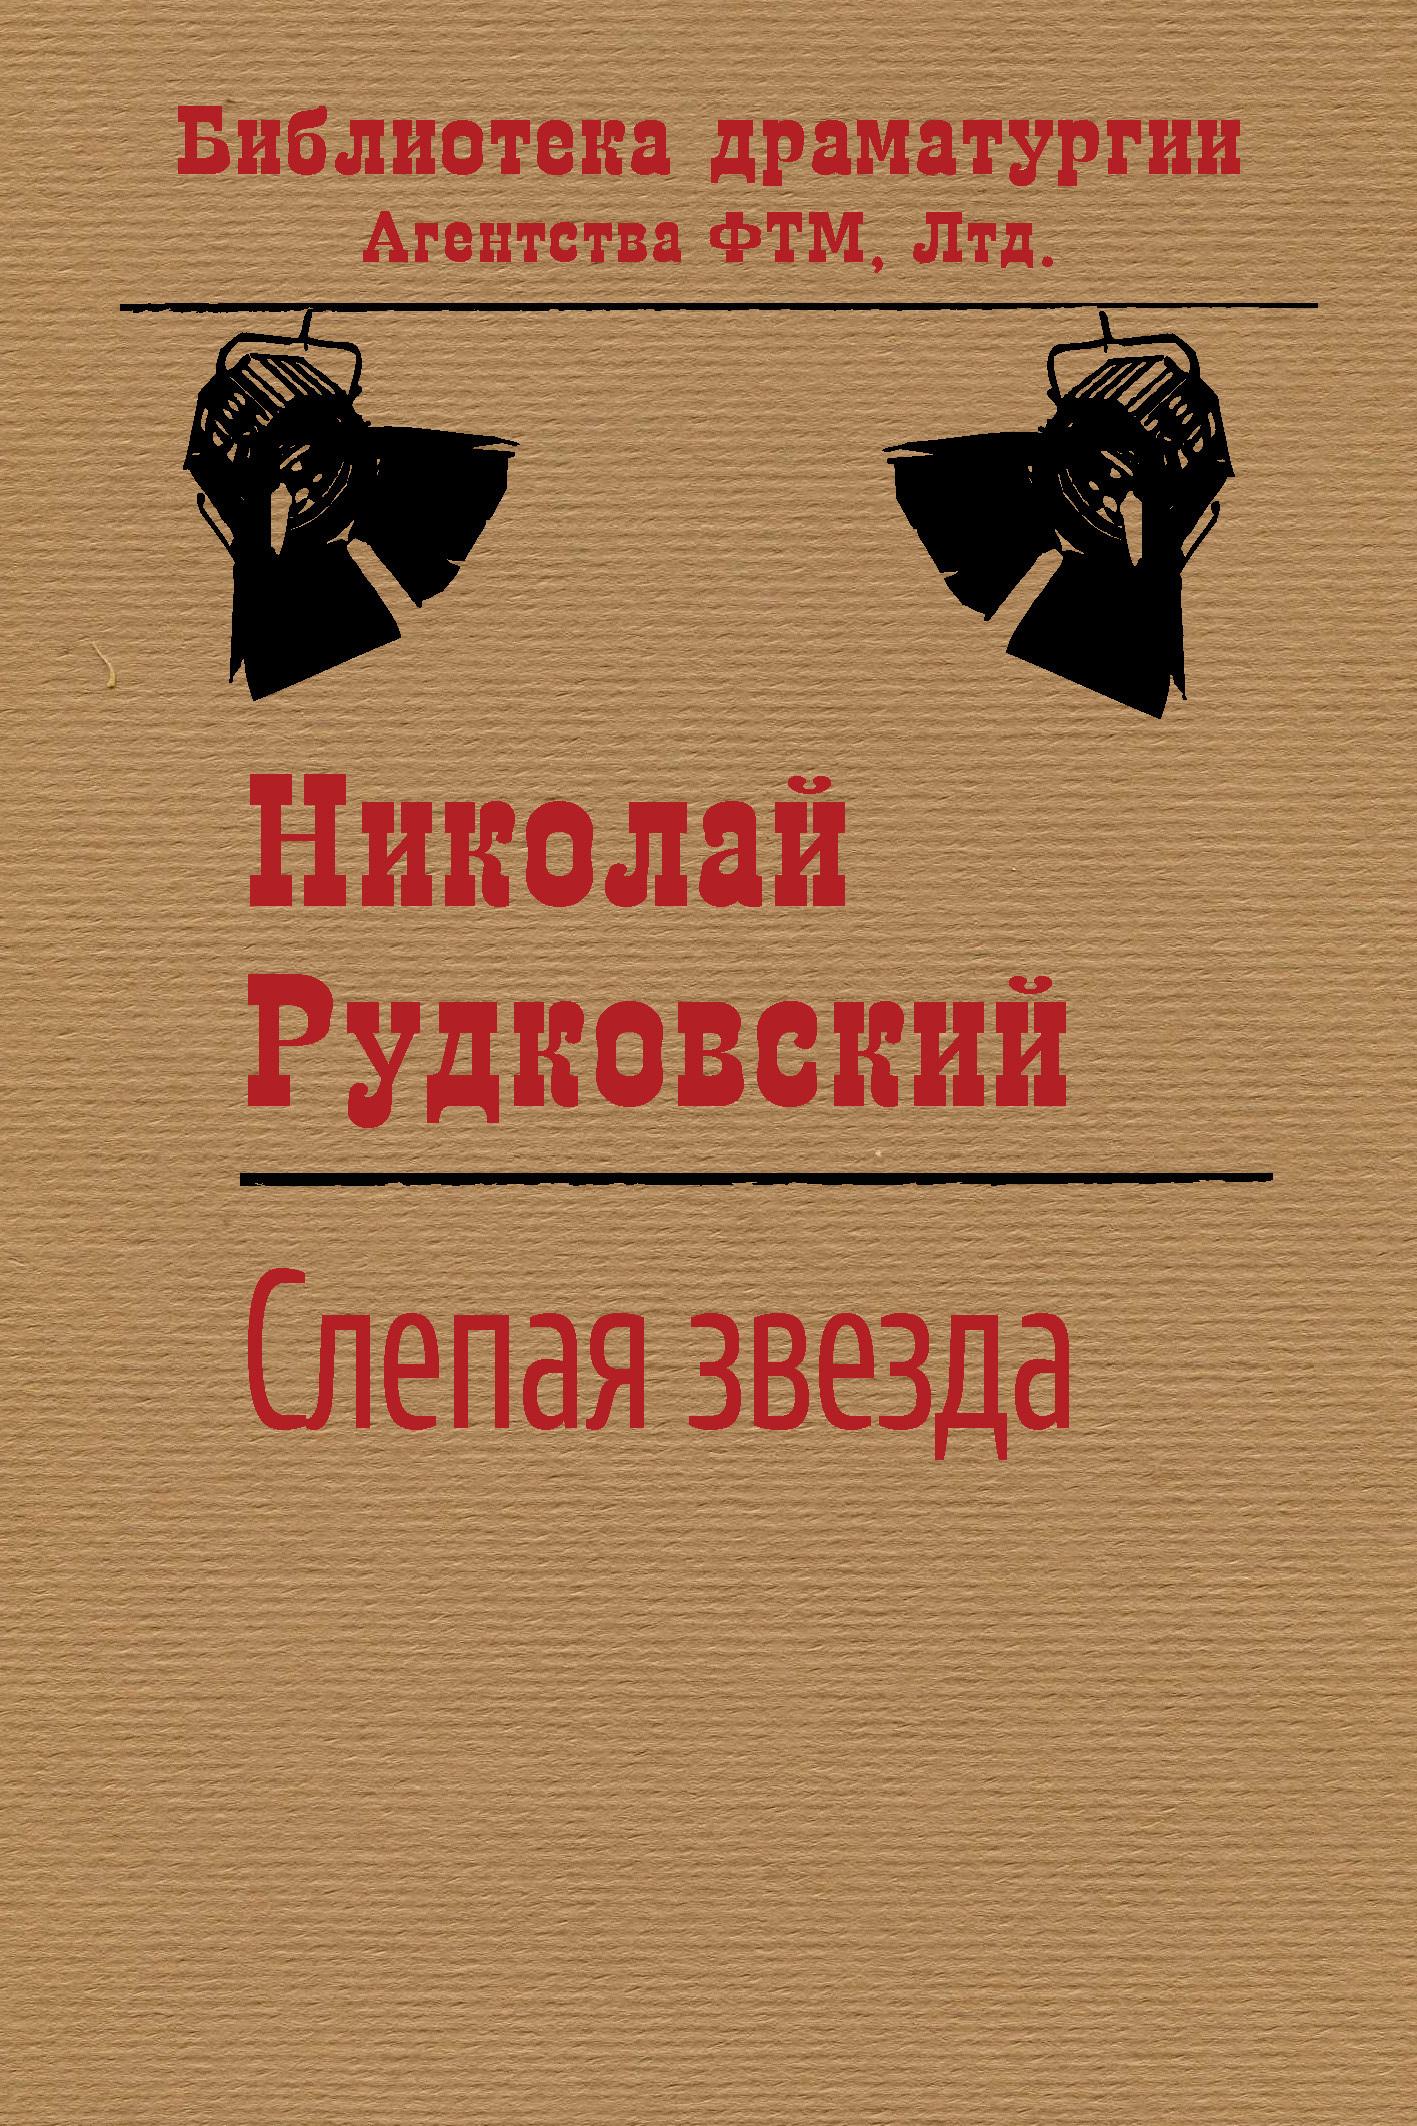 Николай Рудковский - Слепая звезда